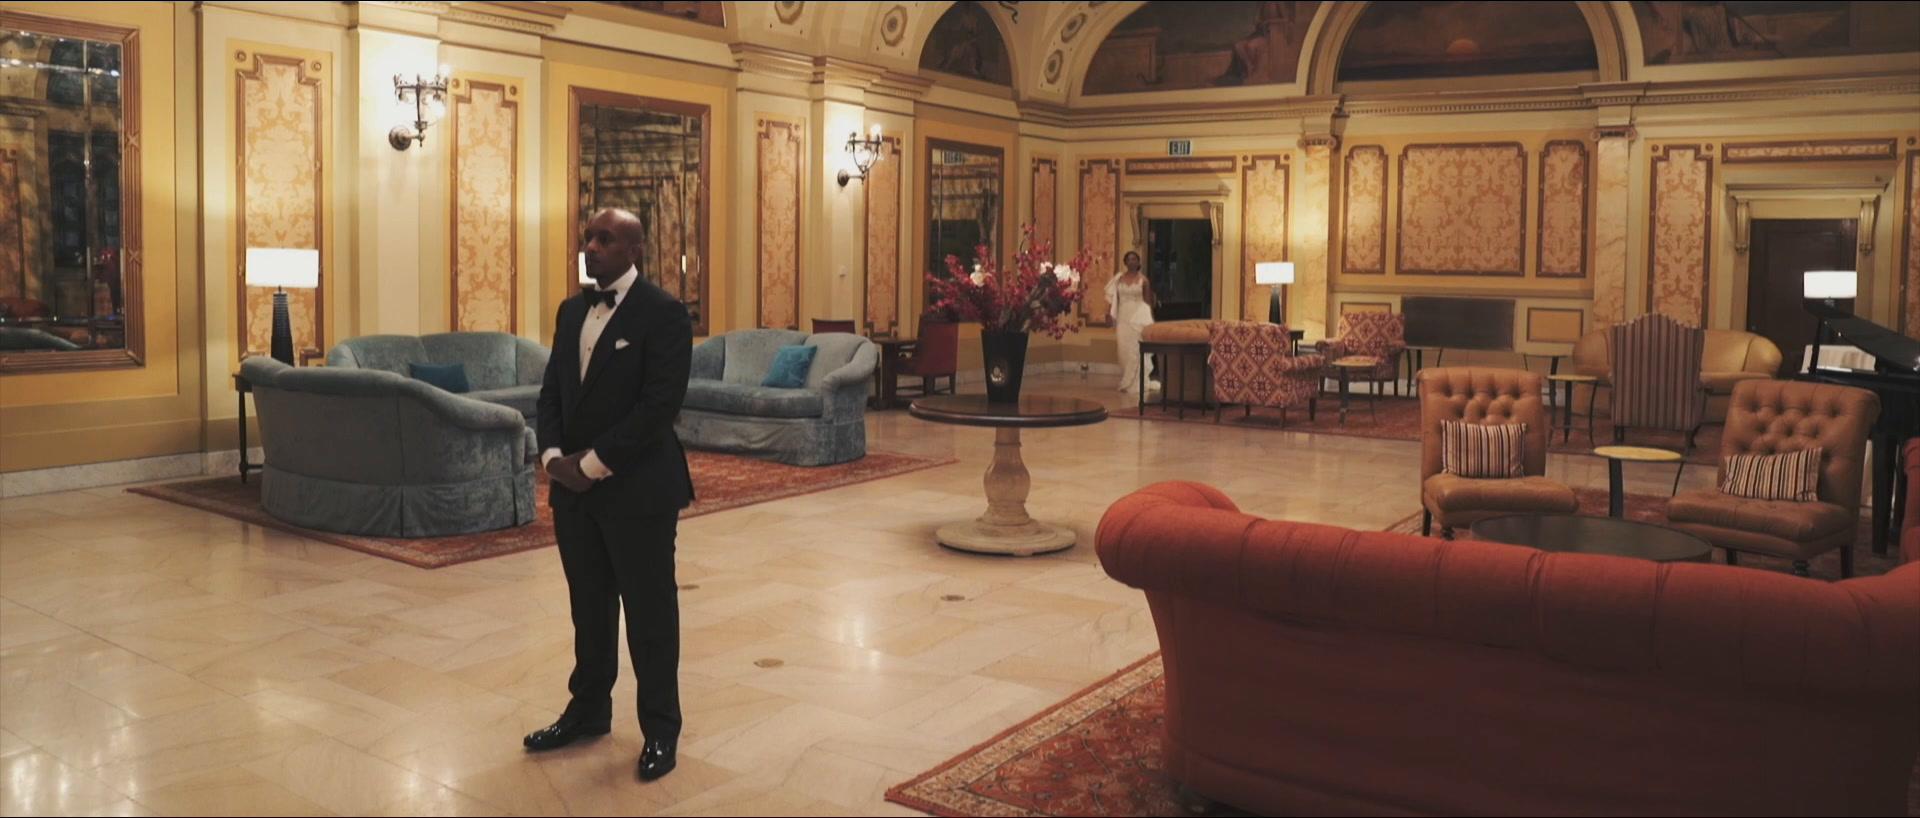 Suhair + Haitham | Baltimore, Maryland | The Baltimore Grand